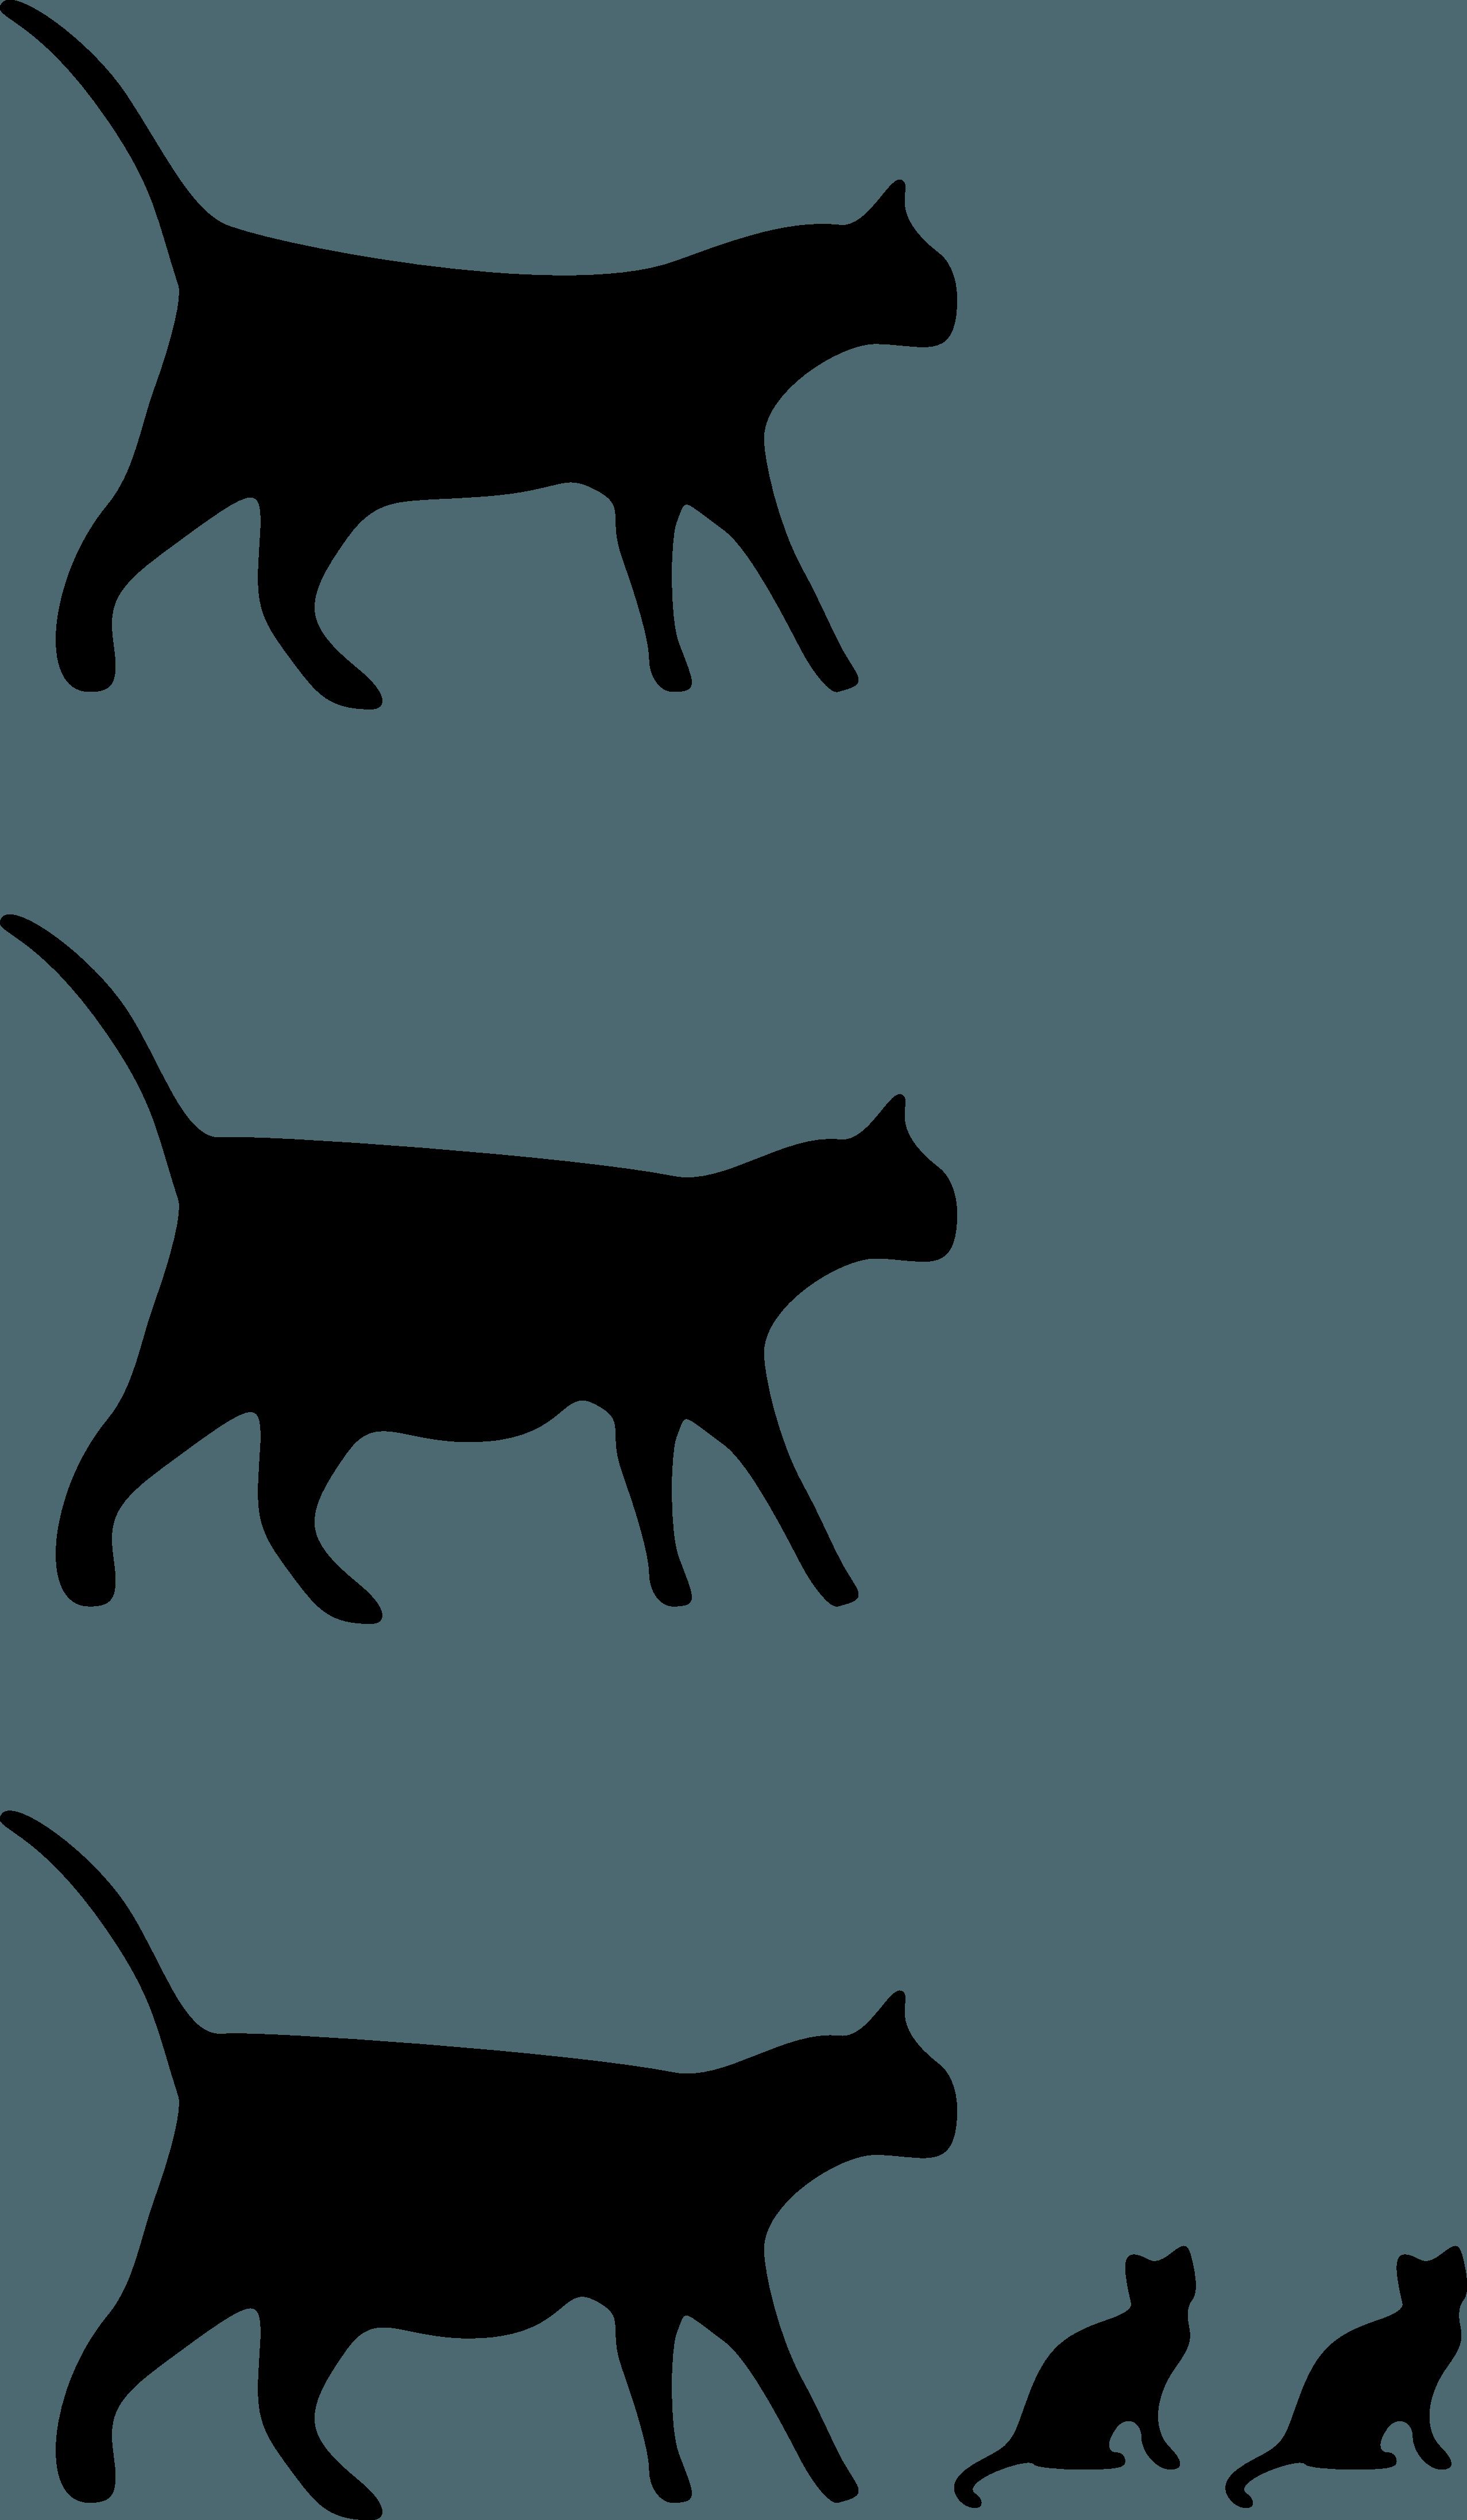 Cat Drawings Wallpapers Wallpaper Cave